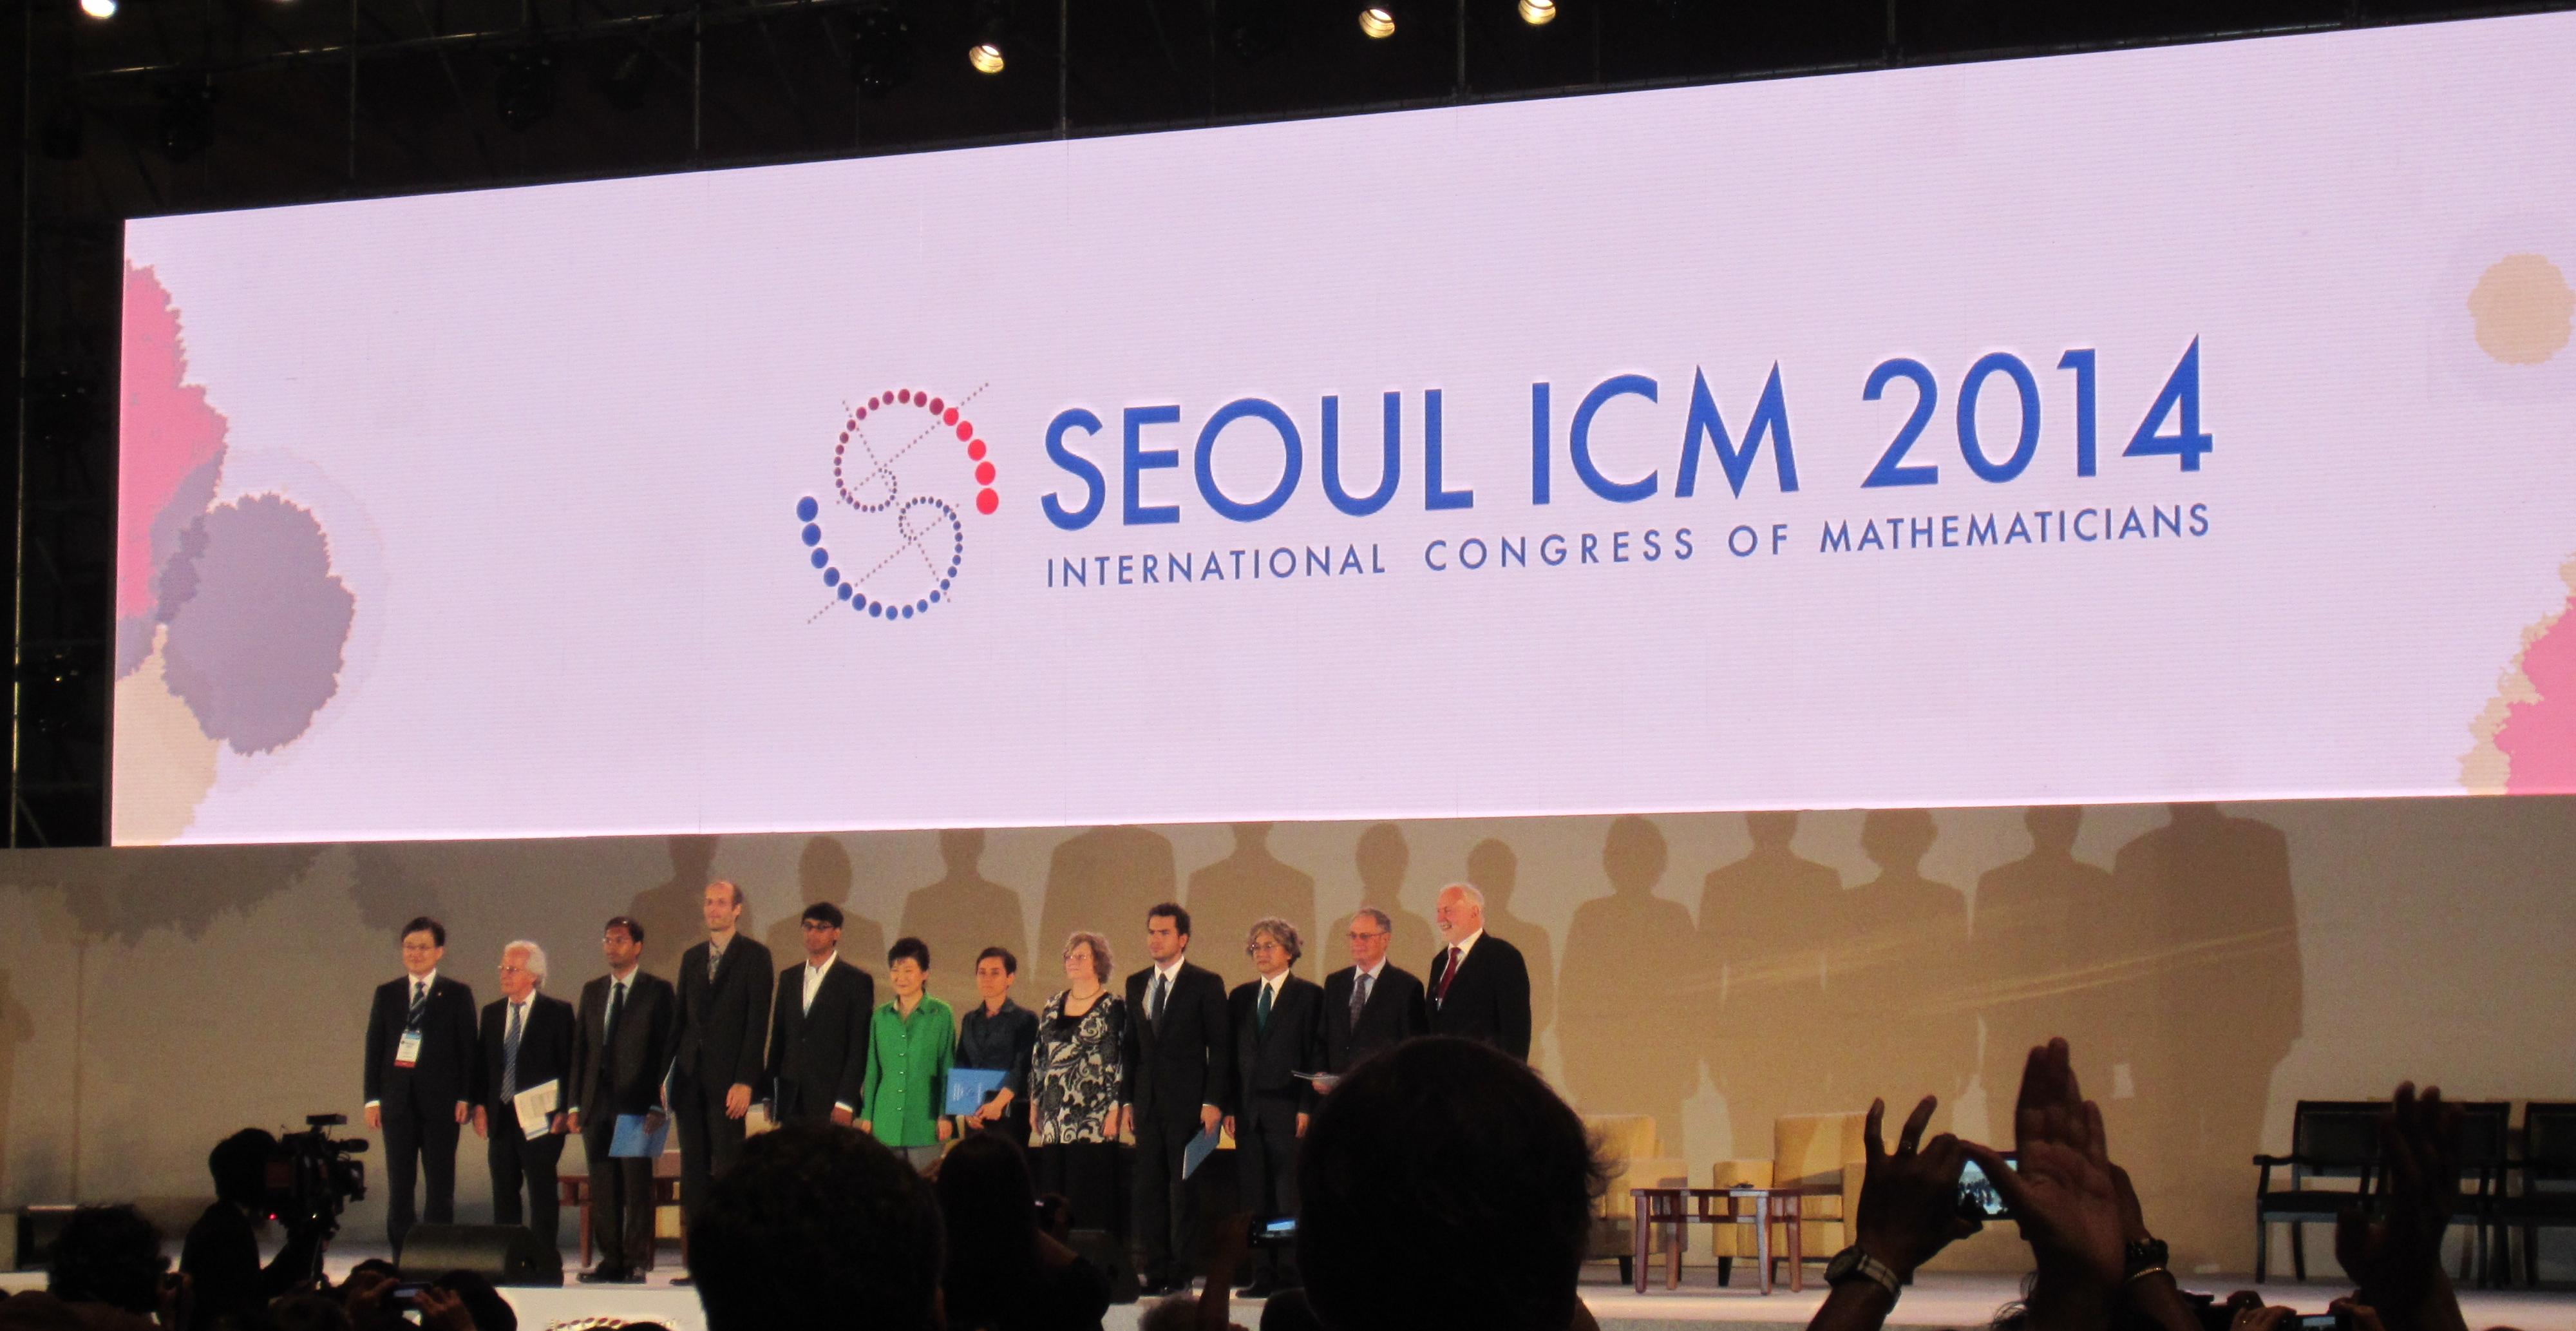 Лауреати філдсовської премії разом із Президентом Кореї на церемонії відкриття конгресу